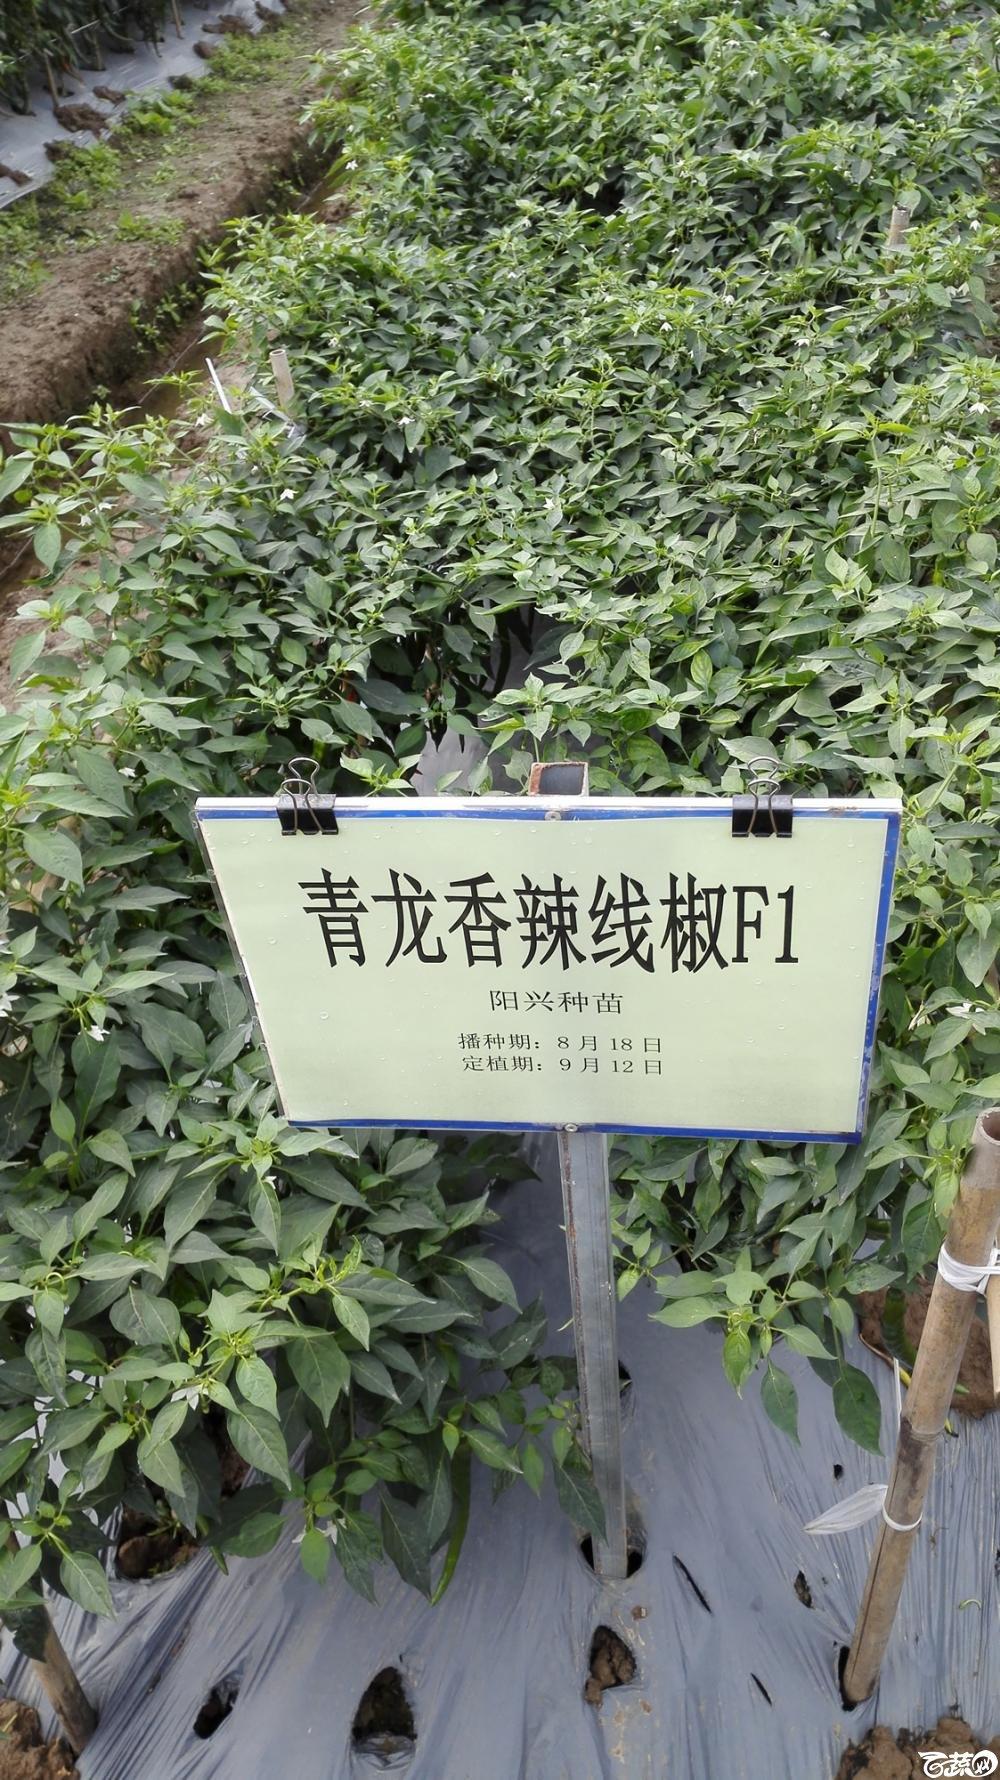 2014年12月8号中山蔬菜新品种展示会_辣椒_222.jpg